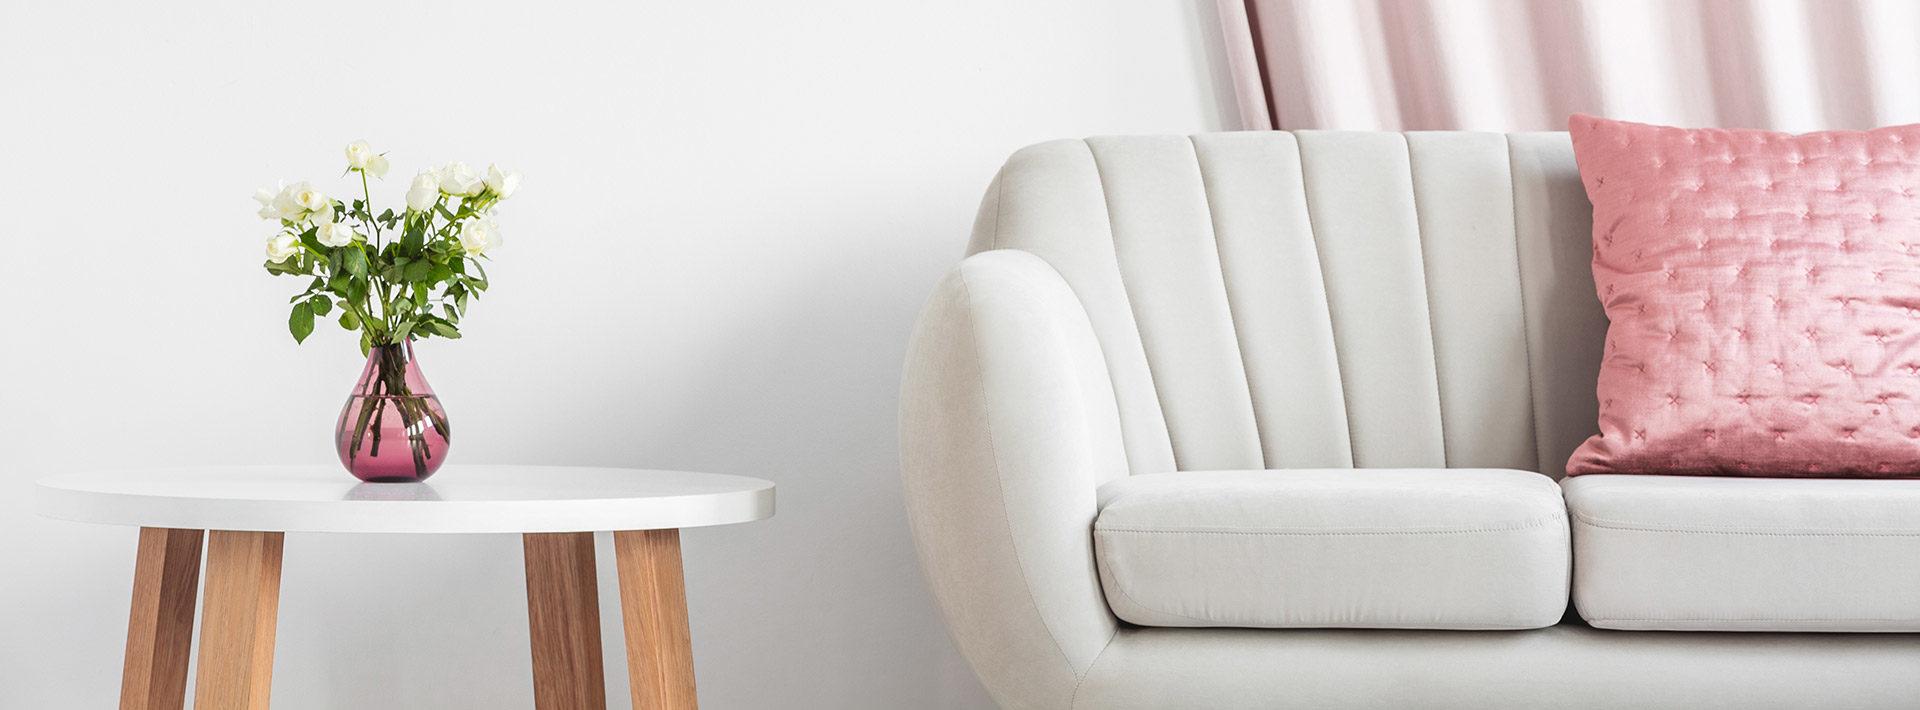 Die richtige Pflege deiner Polstermöbel - Zuhause bei SAM®